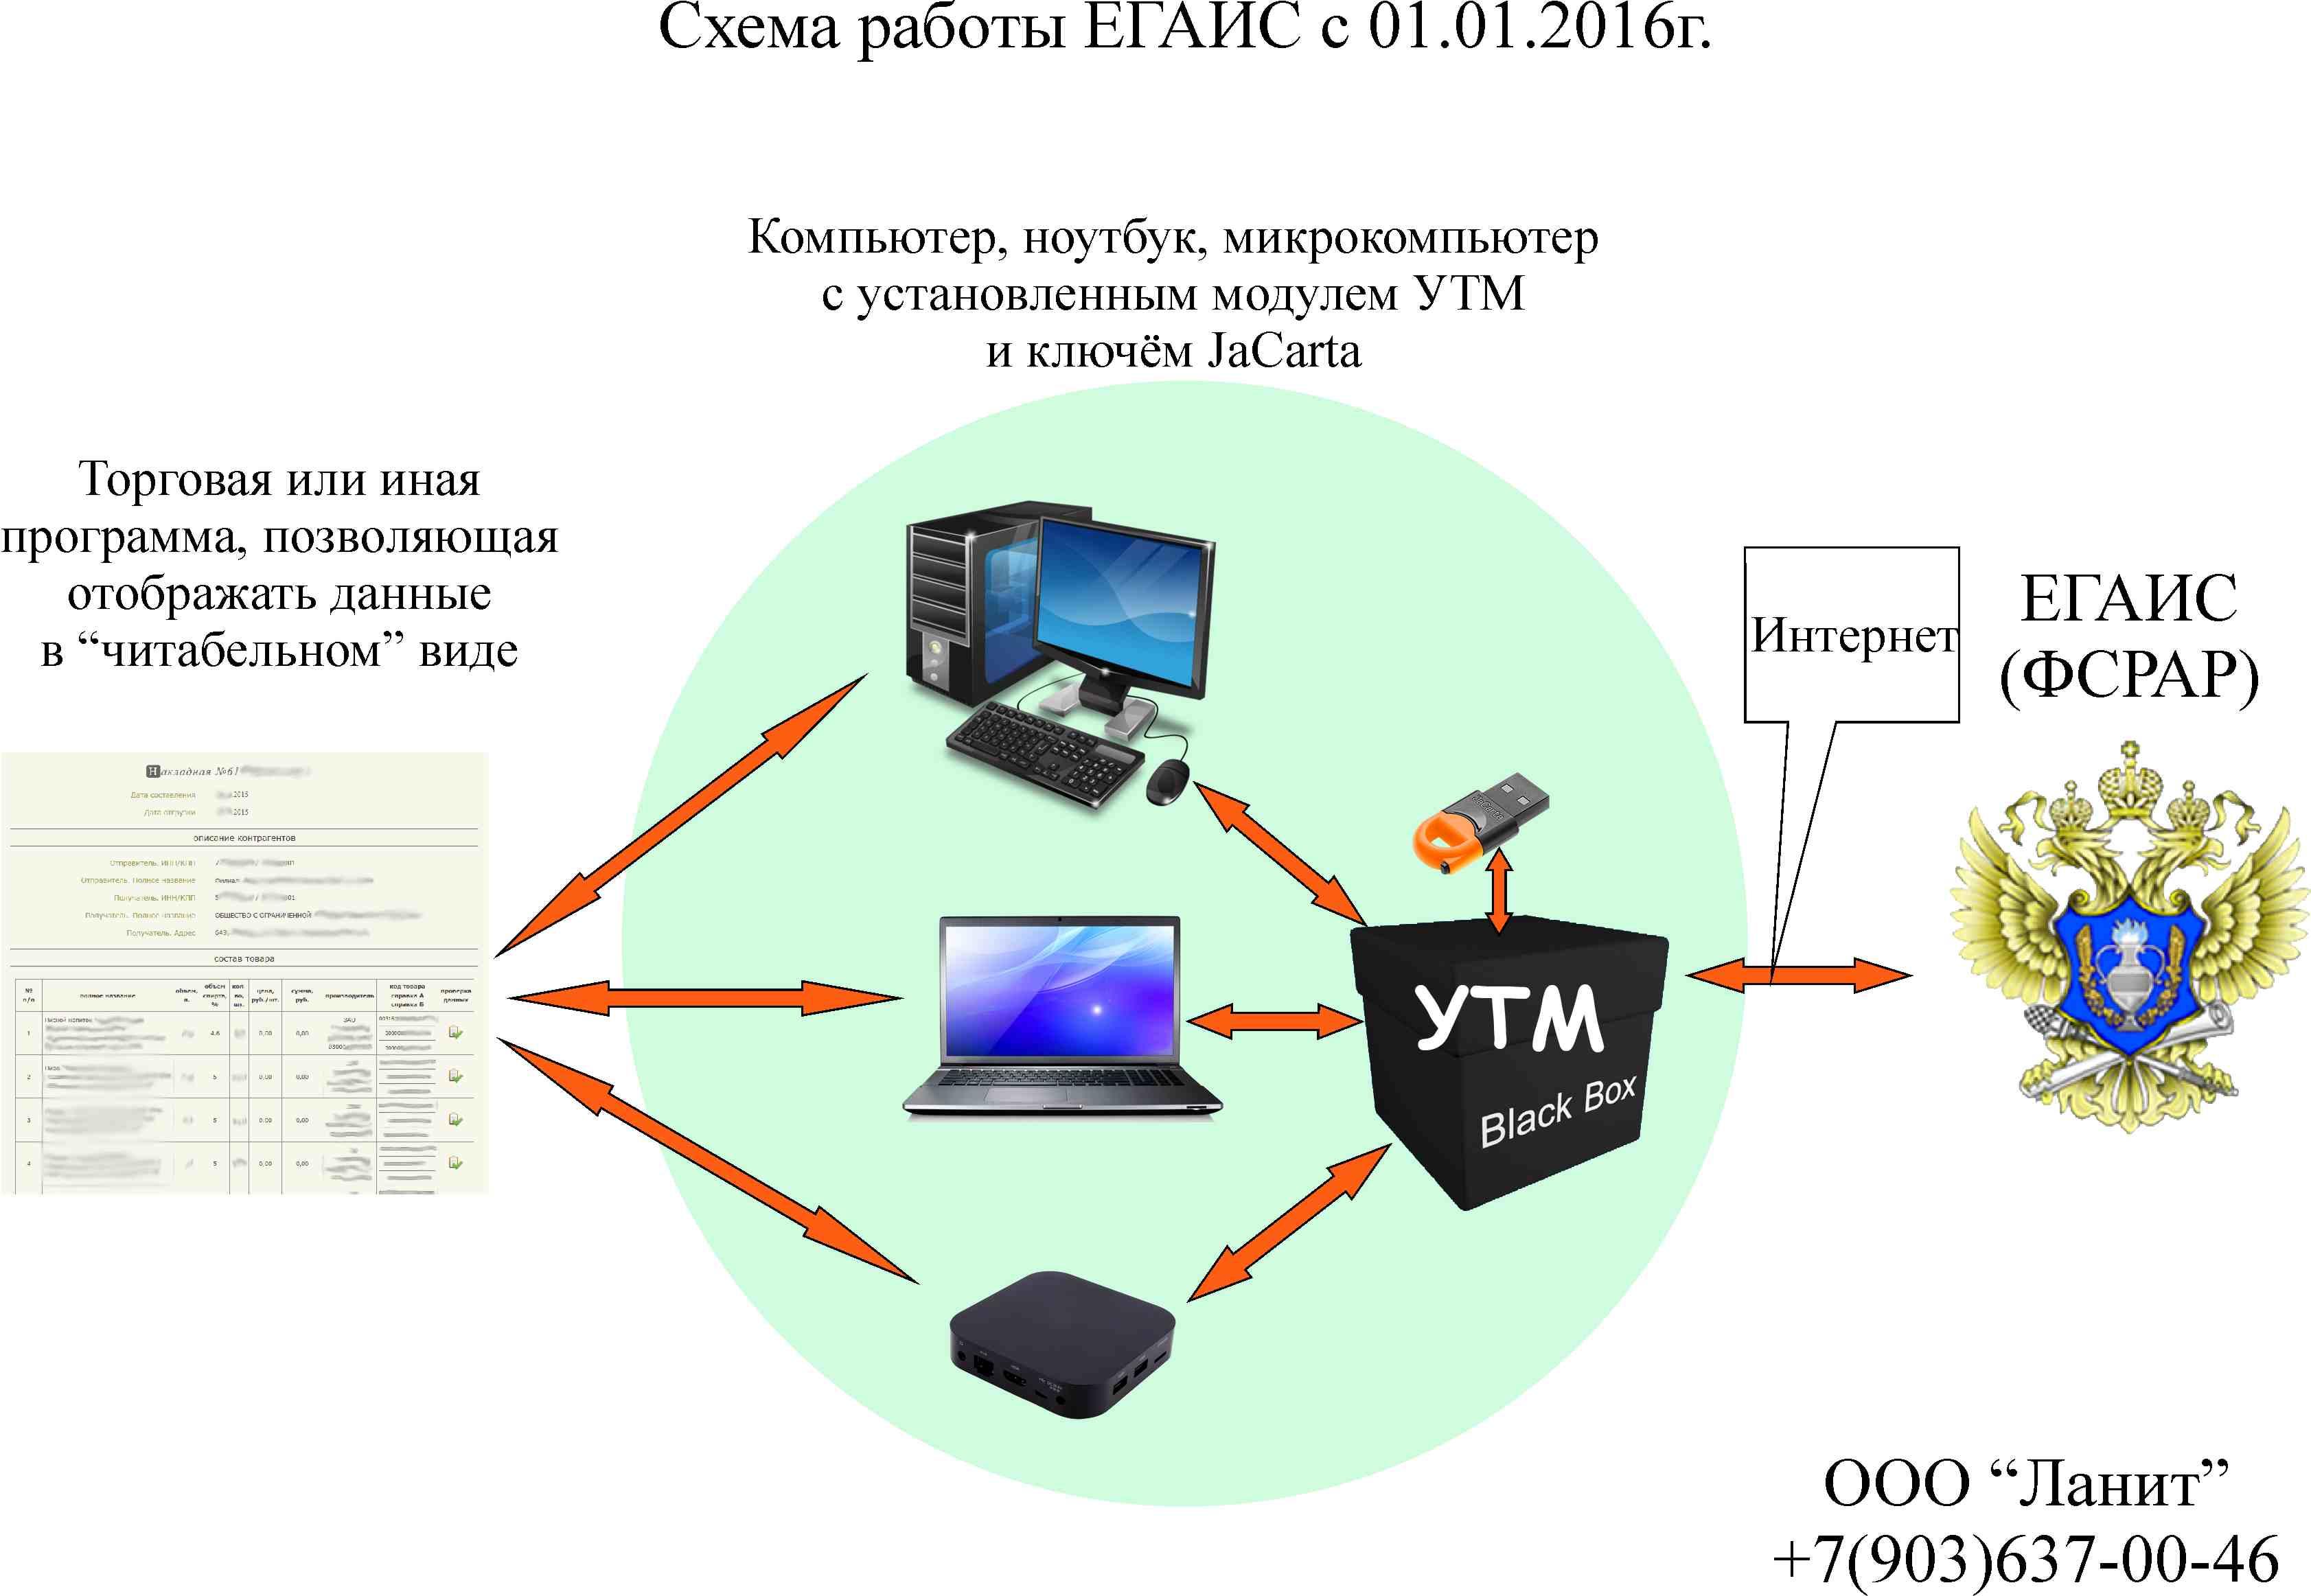 Как правильно создавать UTM-метки Netpeak Blog 86